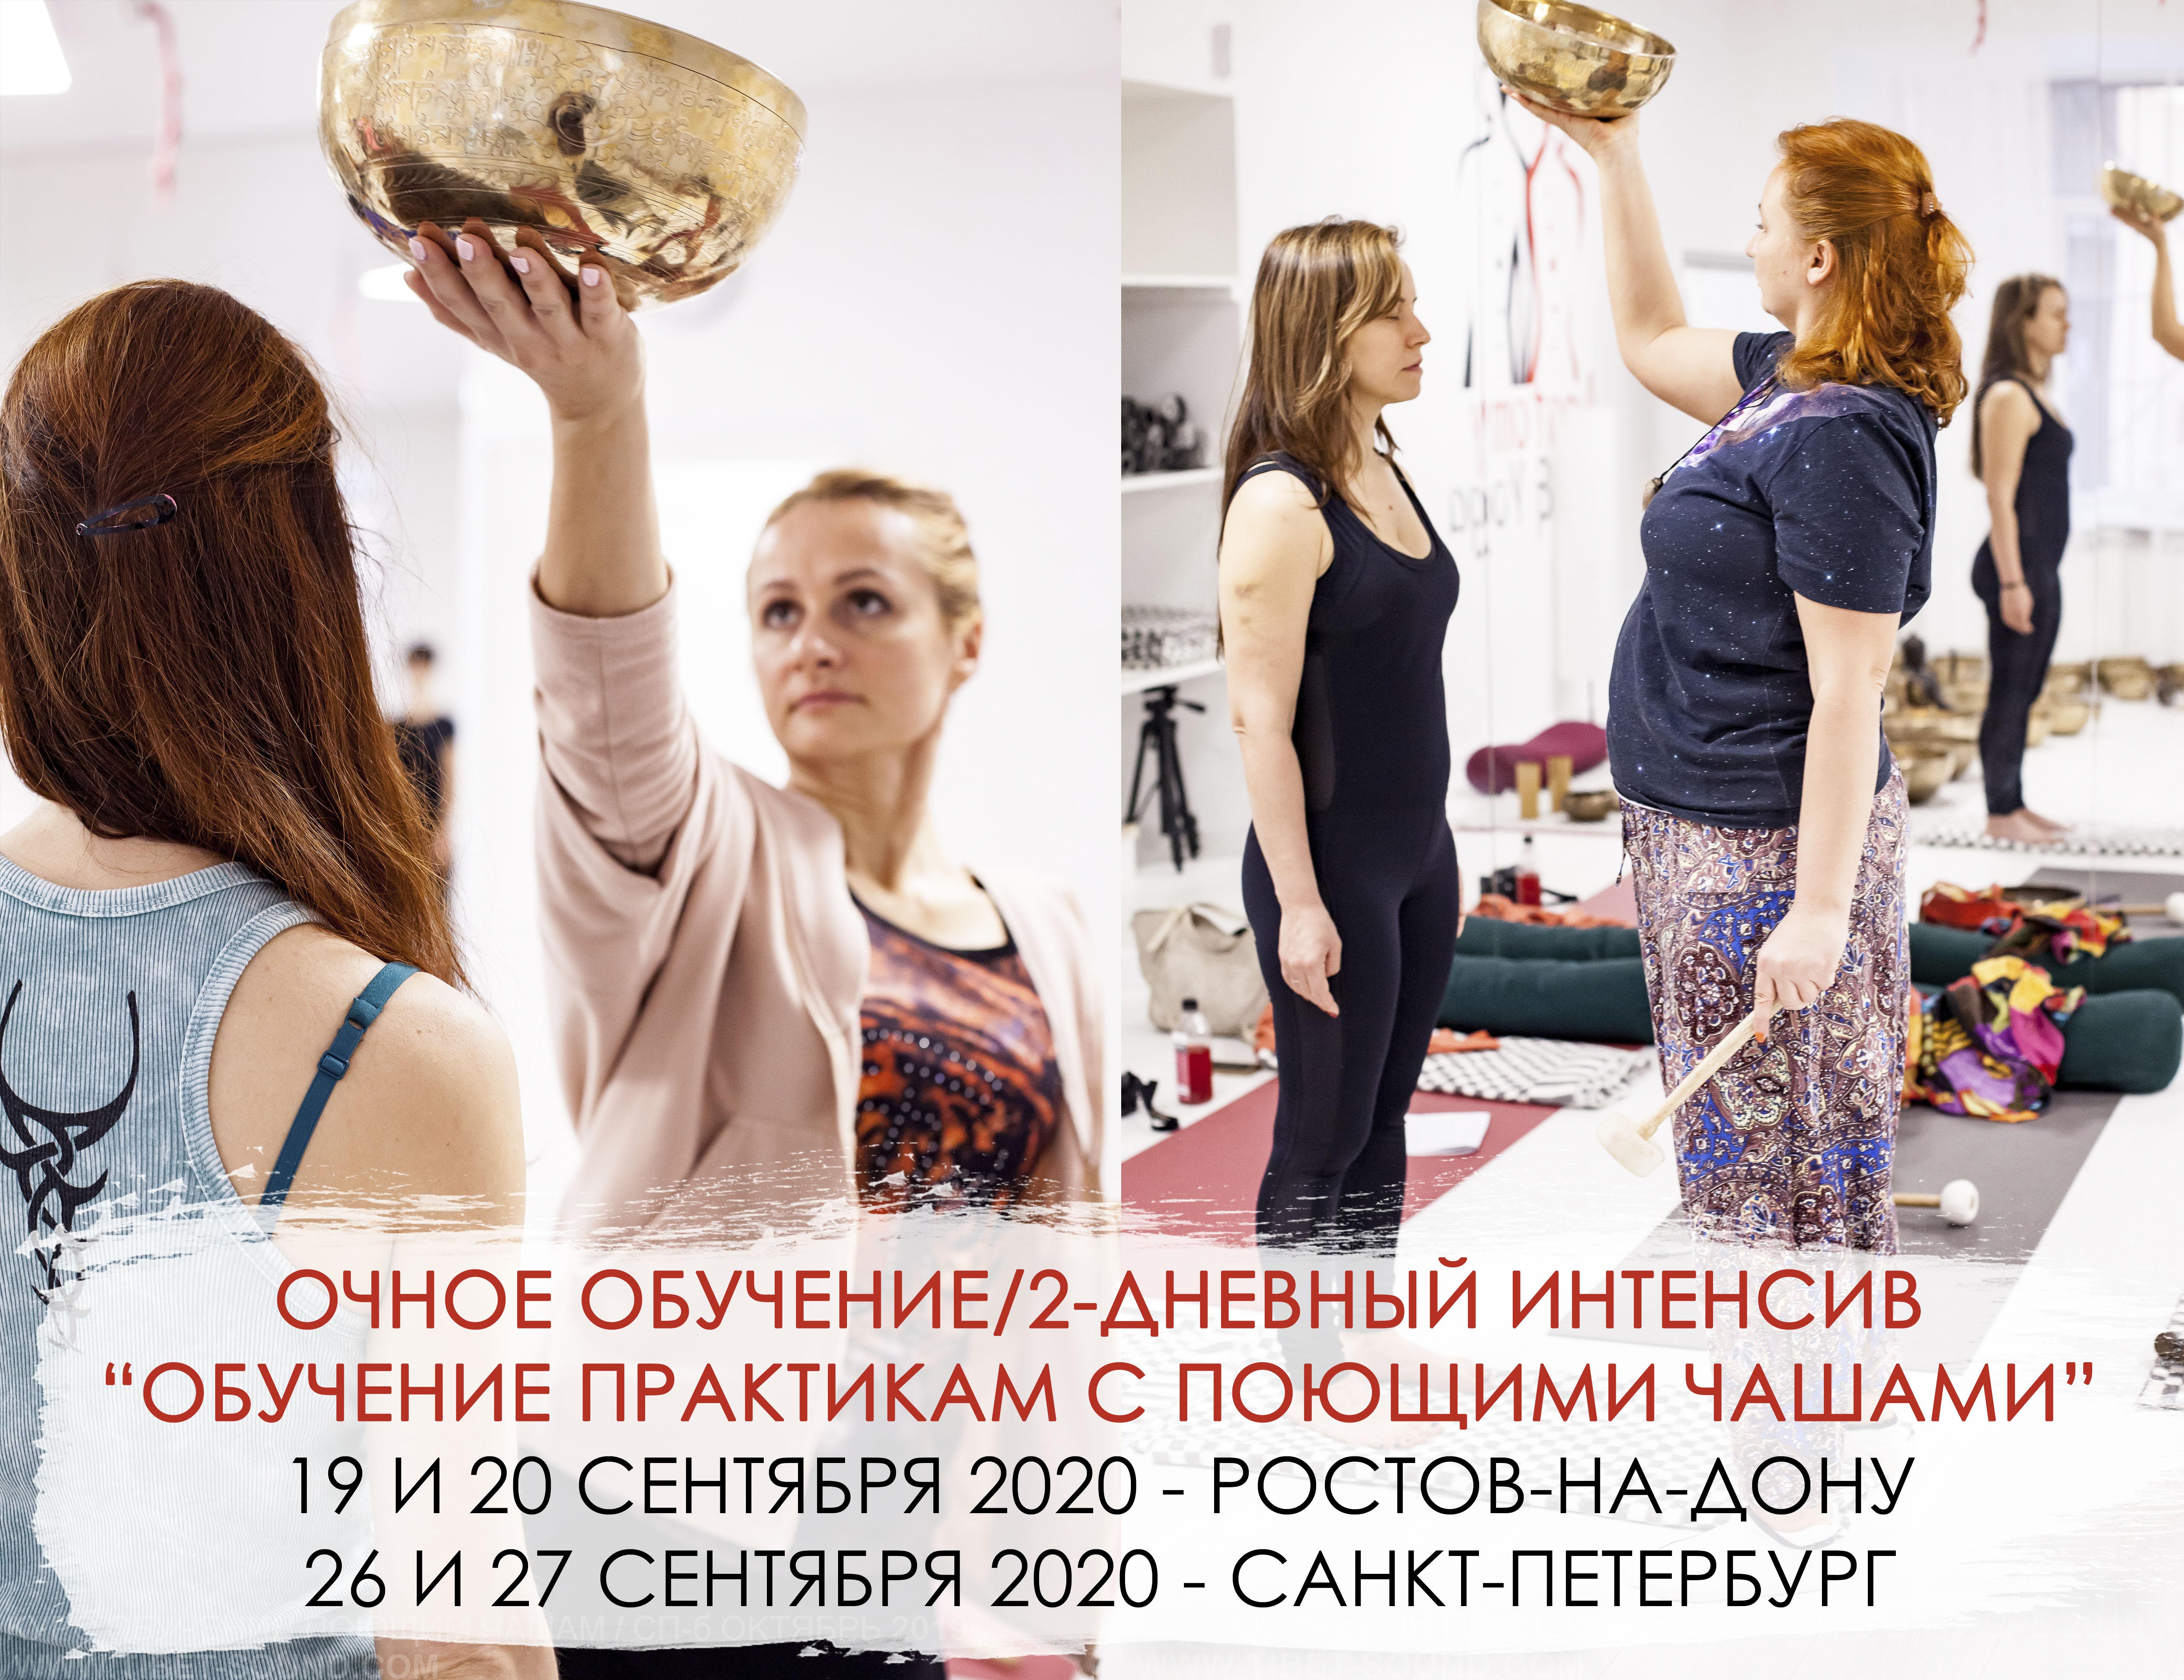 Поющие чаши в России